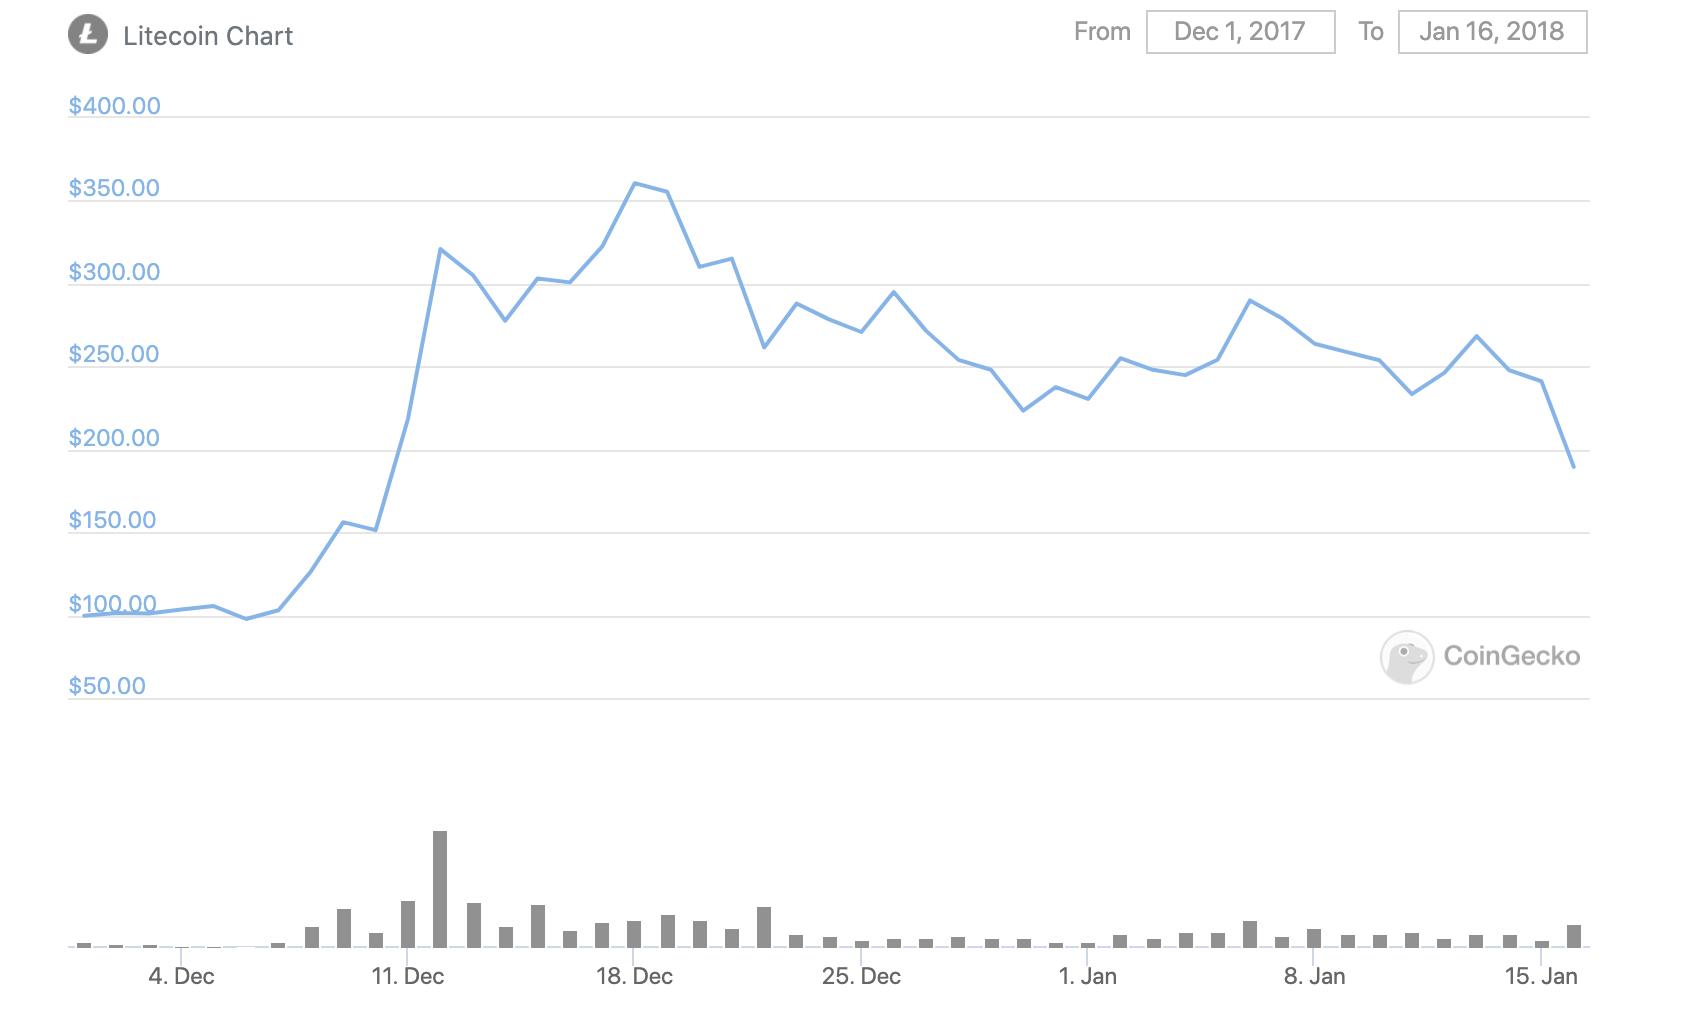 LTC price Dec 2017